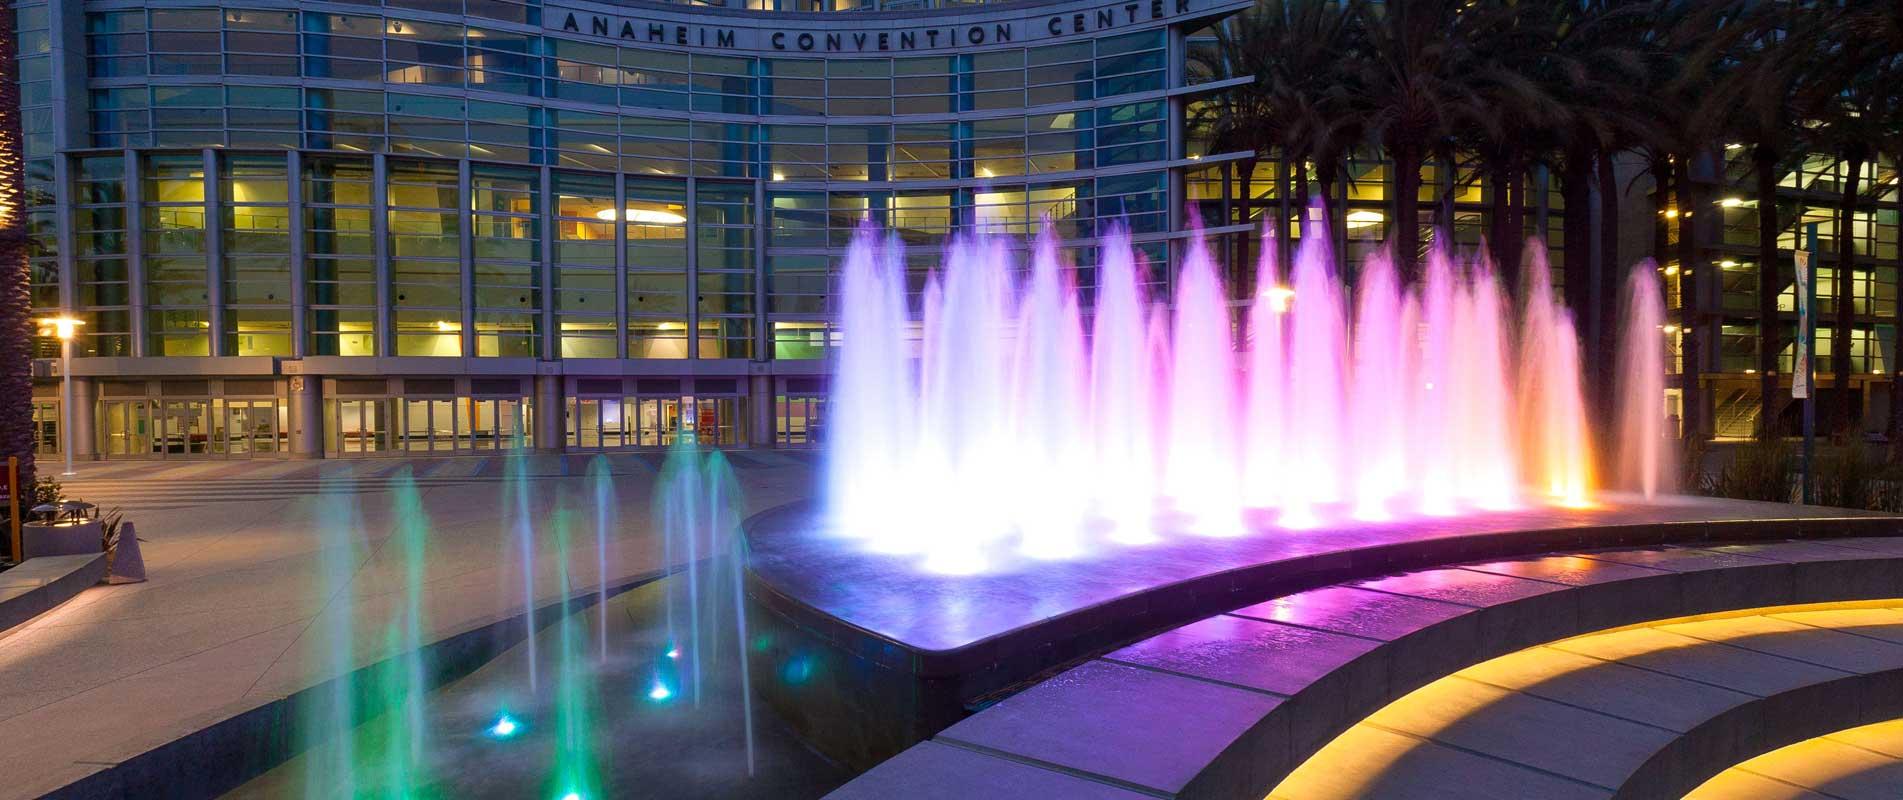 Featured Case Study Anaheim Convention Center